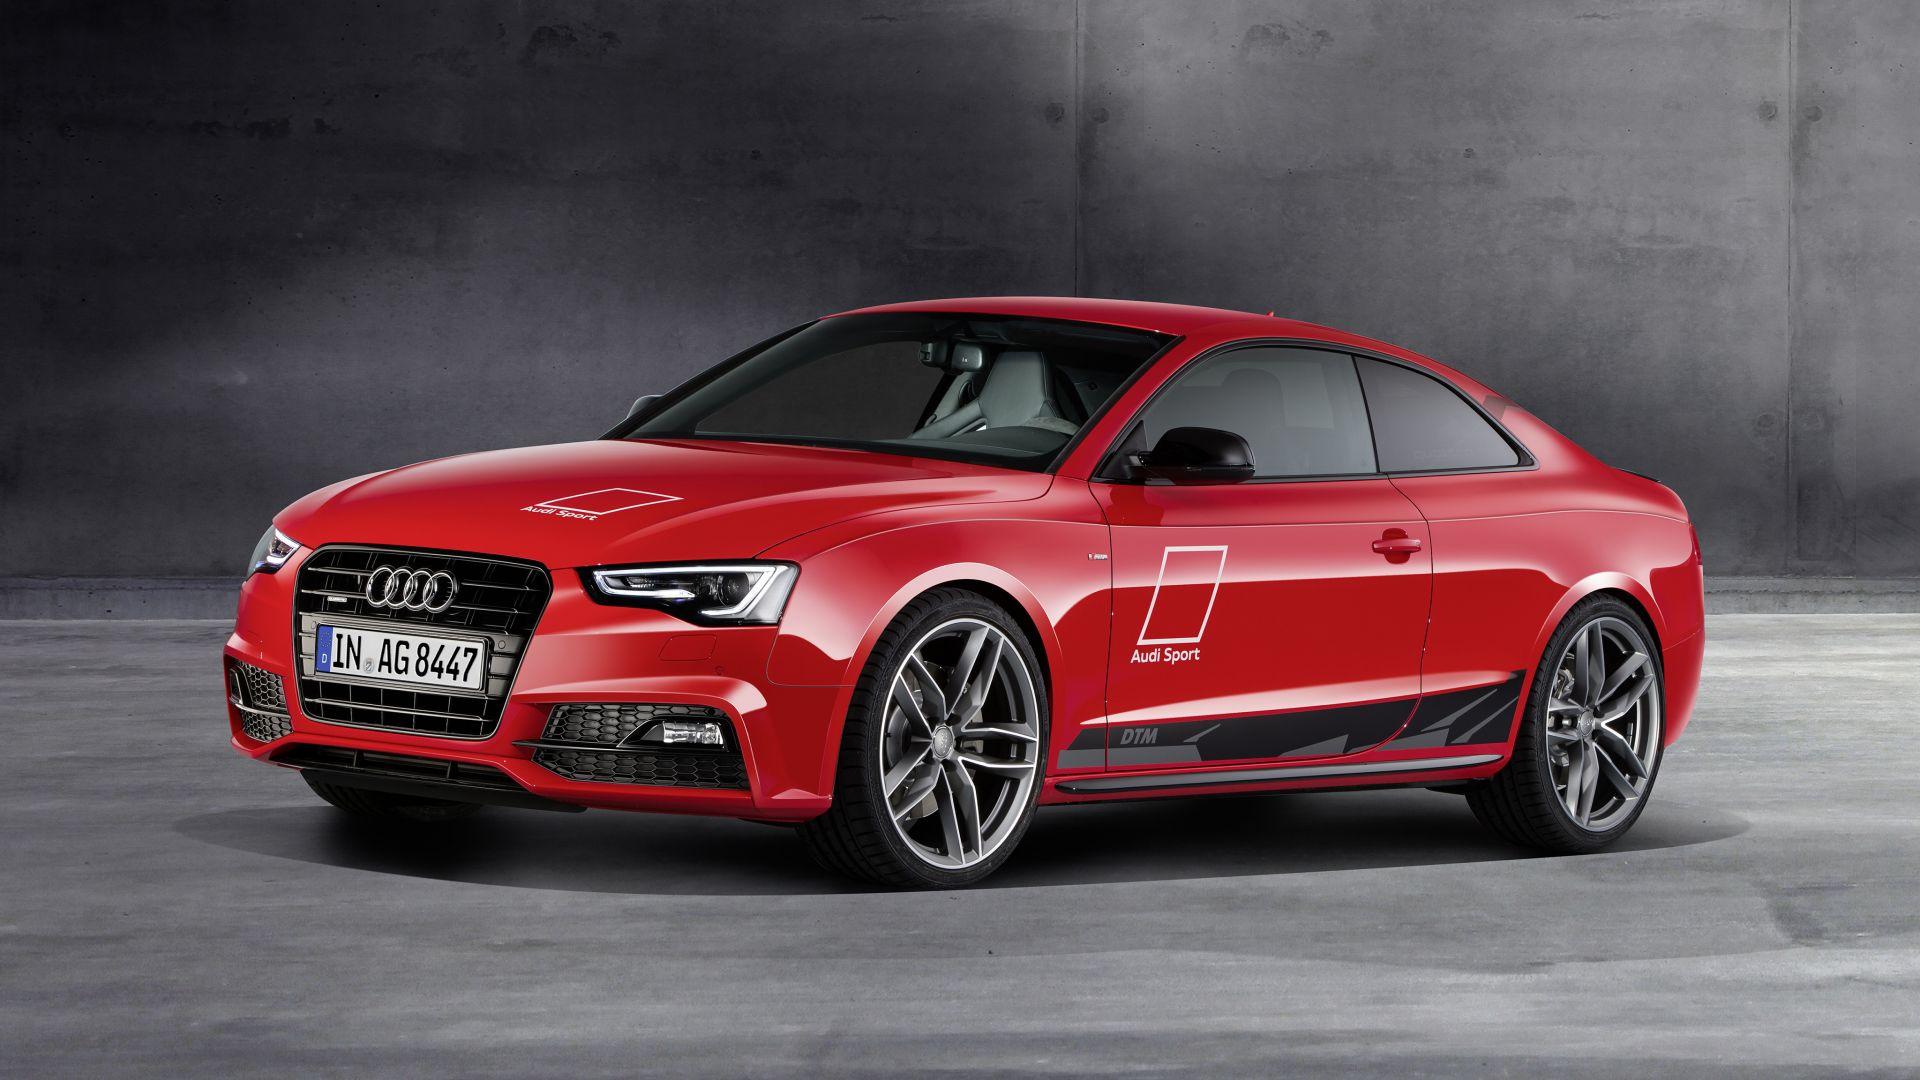 Audi A5 красная купе  № 3761389 бесплатно